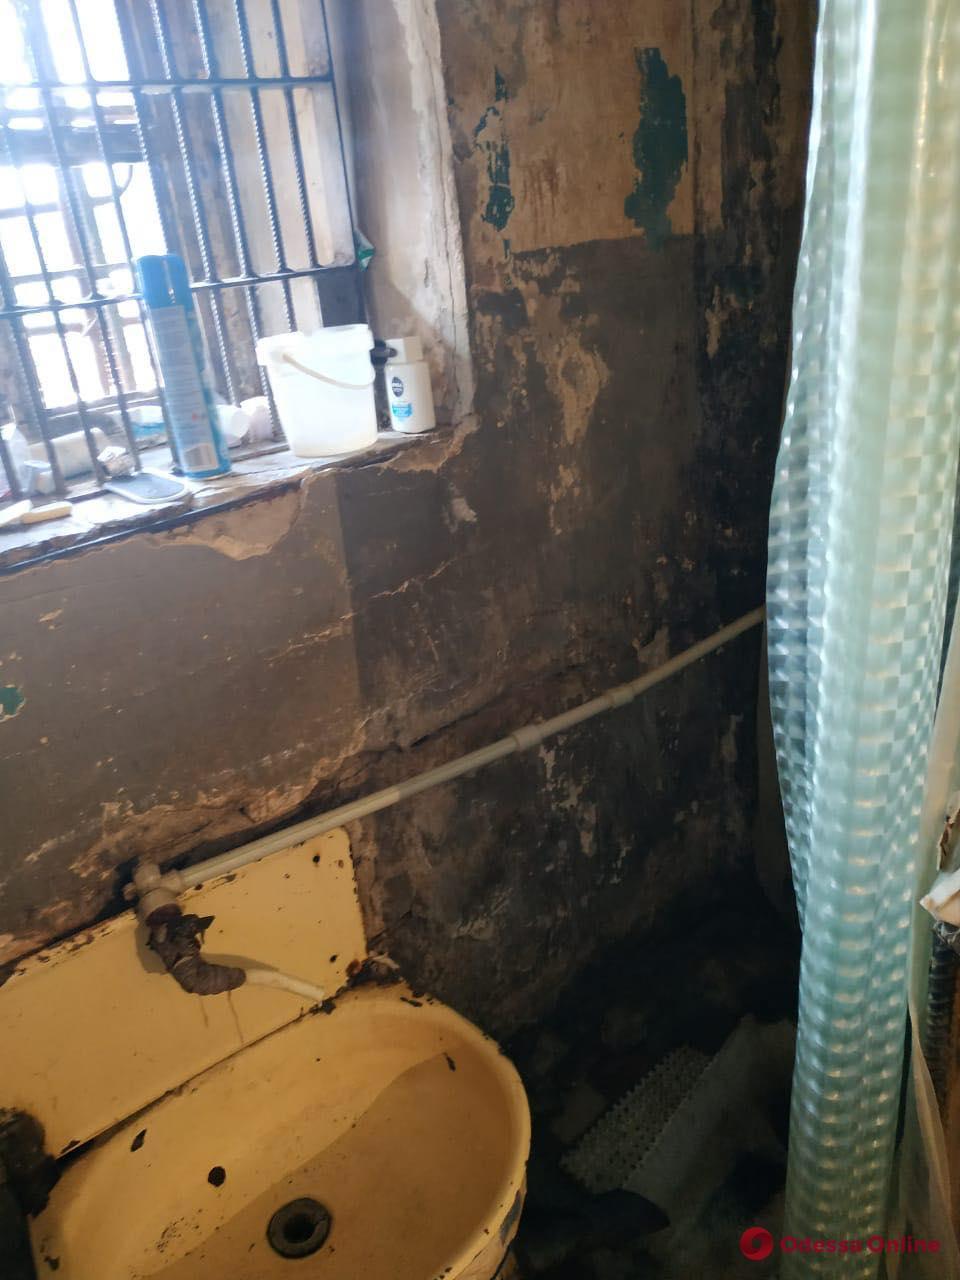 Разбитые полы, грязь и грибок на стенах: в Одесской области проверили СИЗО и колонии (фото)